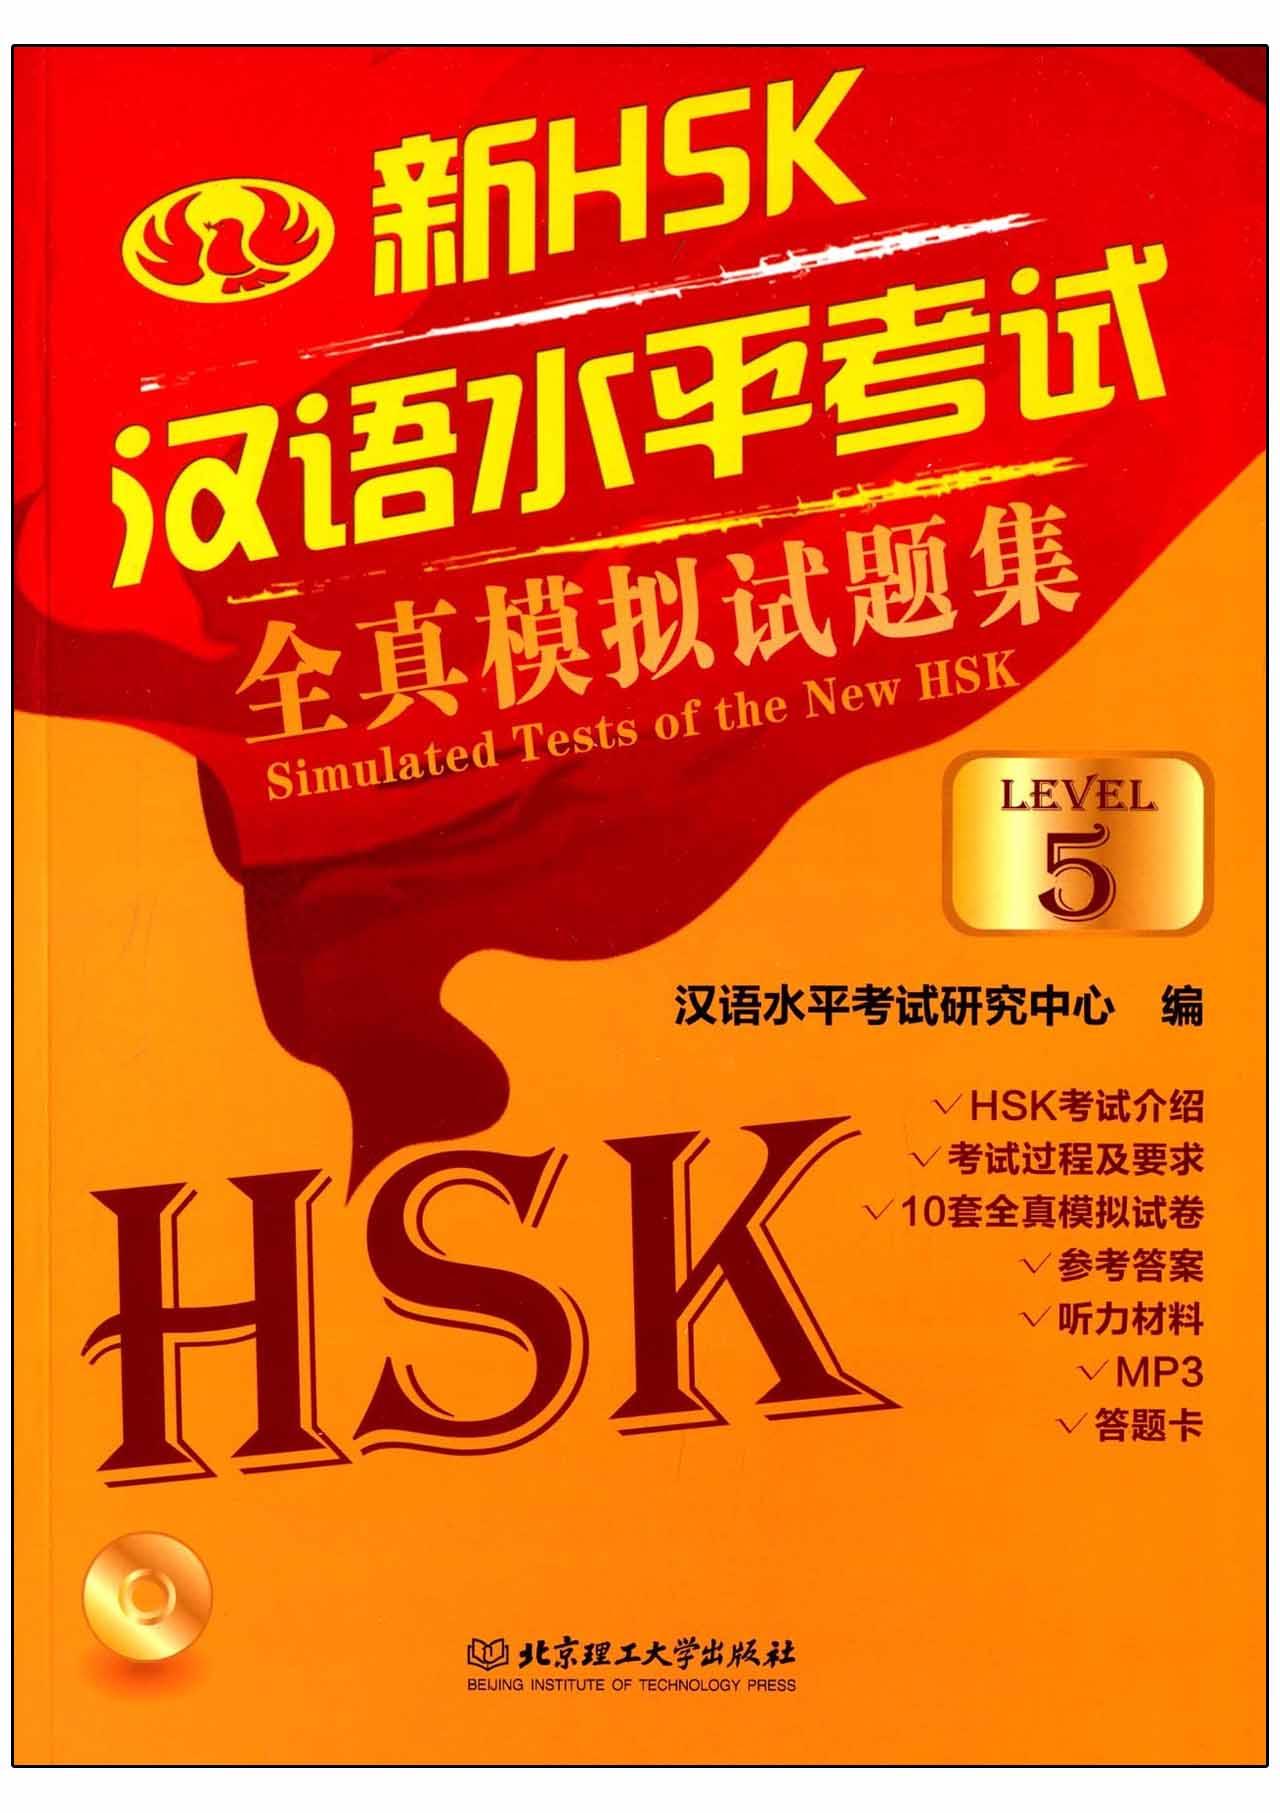 หนังสือข้อสอบ Simulated Tests of the New HSK ระดับ 5 +CD